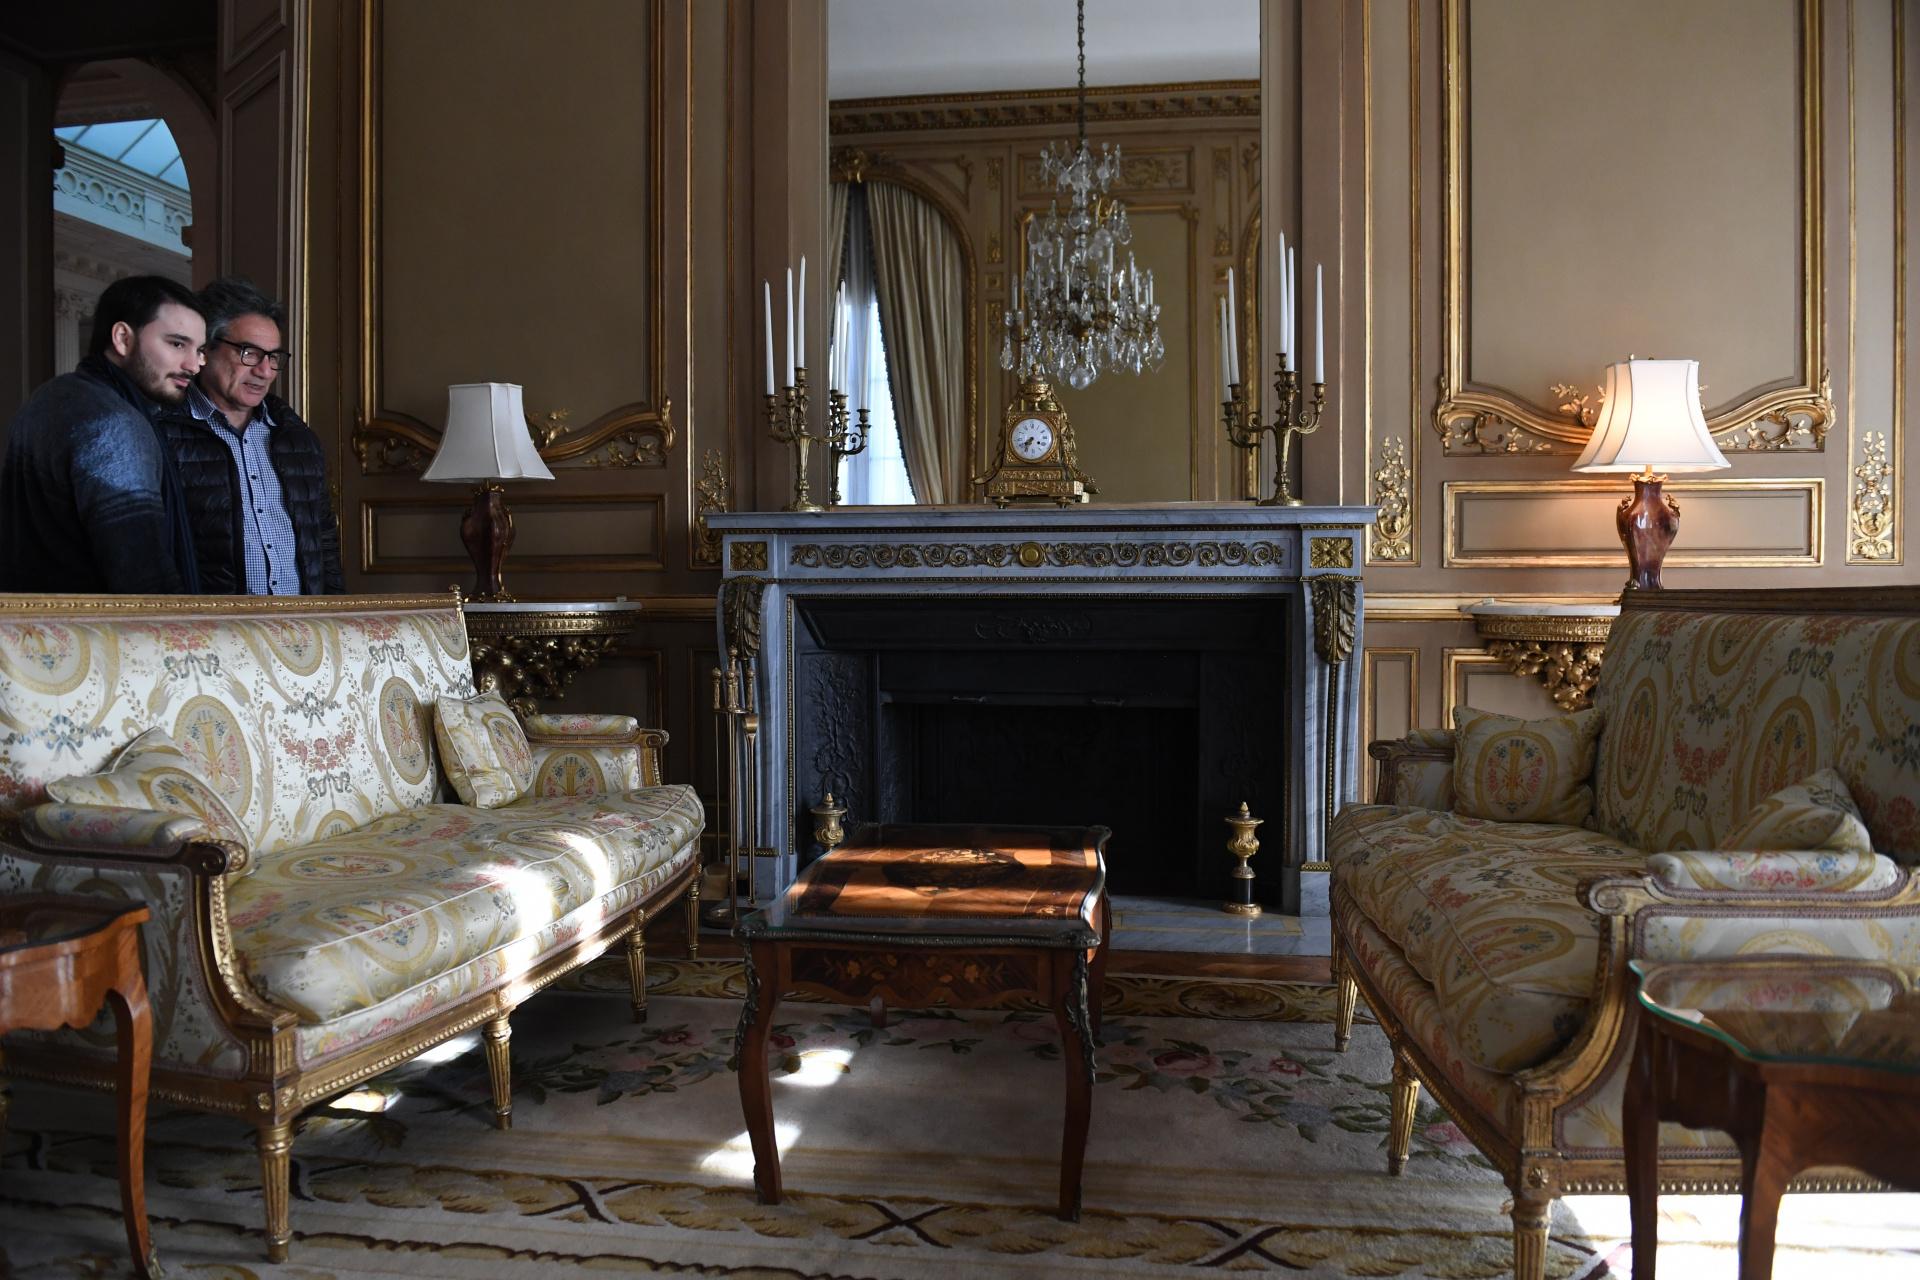 Decorado enun elegante tono dorado, aún conserva la chimenea, el mobiliario, y los accesorios de época